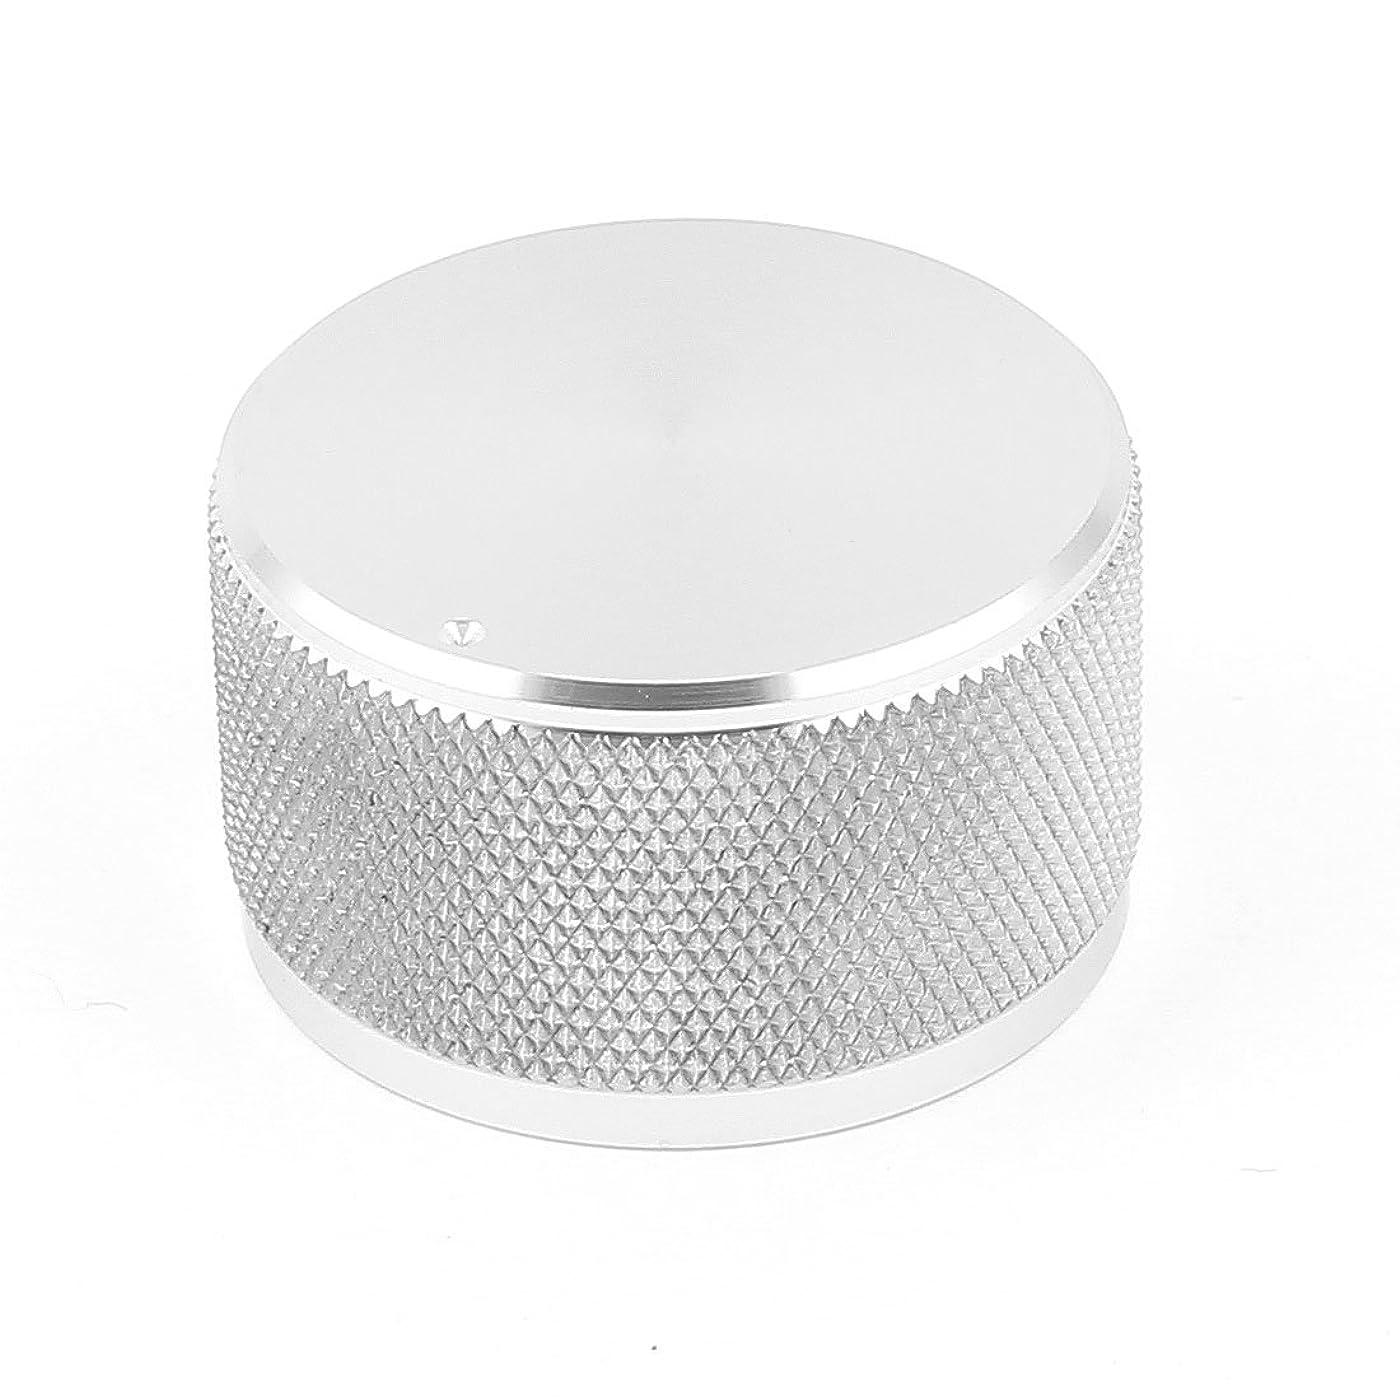 合わせてお願いします安定しましたuxcell ジオのボリュームノブ HIFIアルミスピーカー CNC加工ソリッド 38x22mm シルバートーン